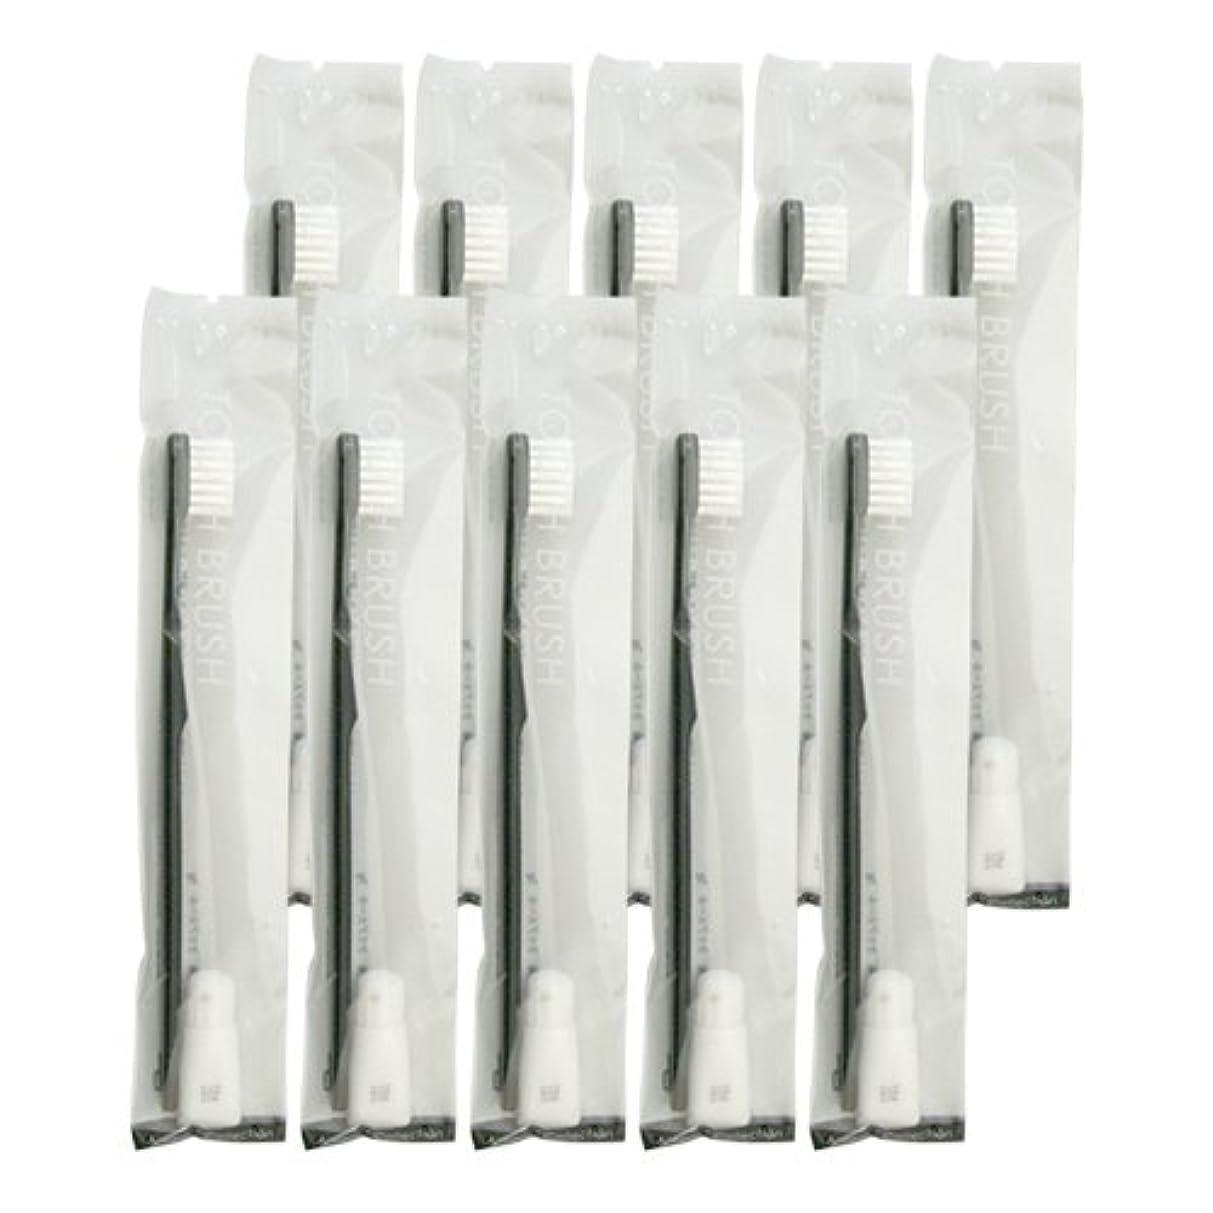 高層ビルどこにでも正統派業務用 使い捨て歯ブラシ チューブ歯磨き粉(3g)付き ブラック 10本セット│ホテルアメニティ 個包装タイプ